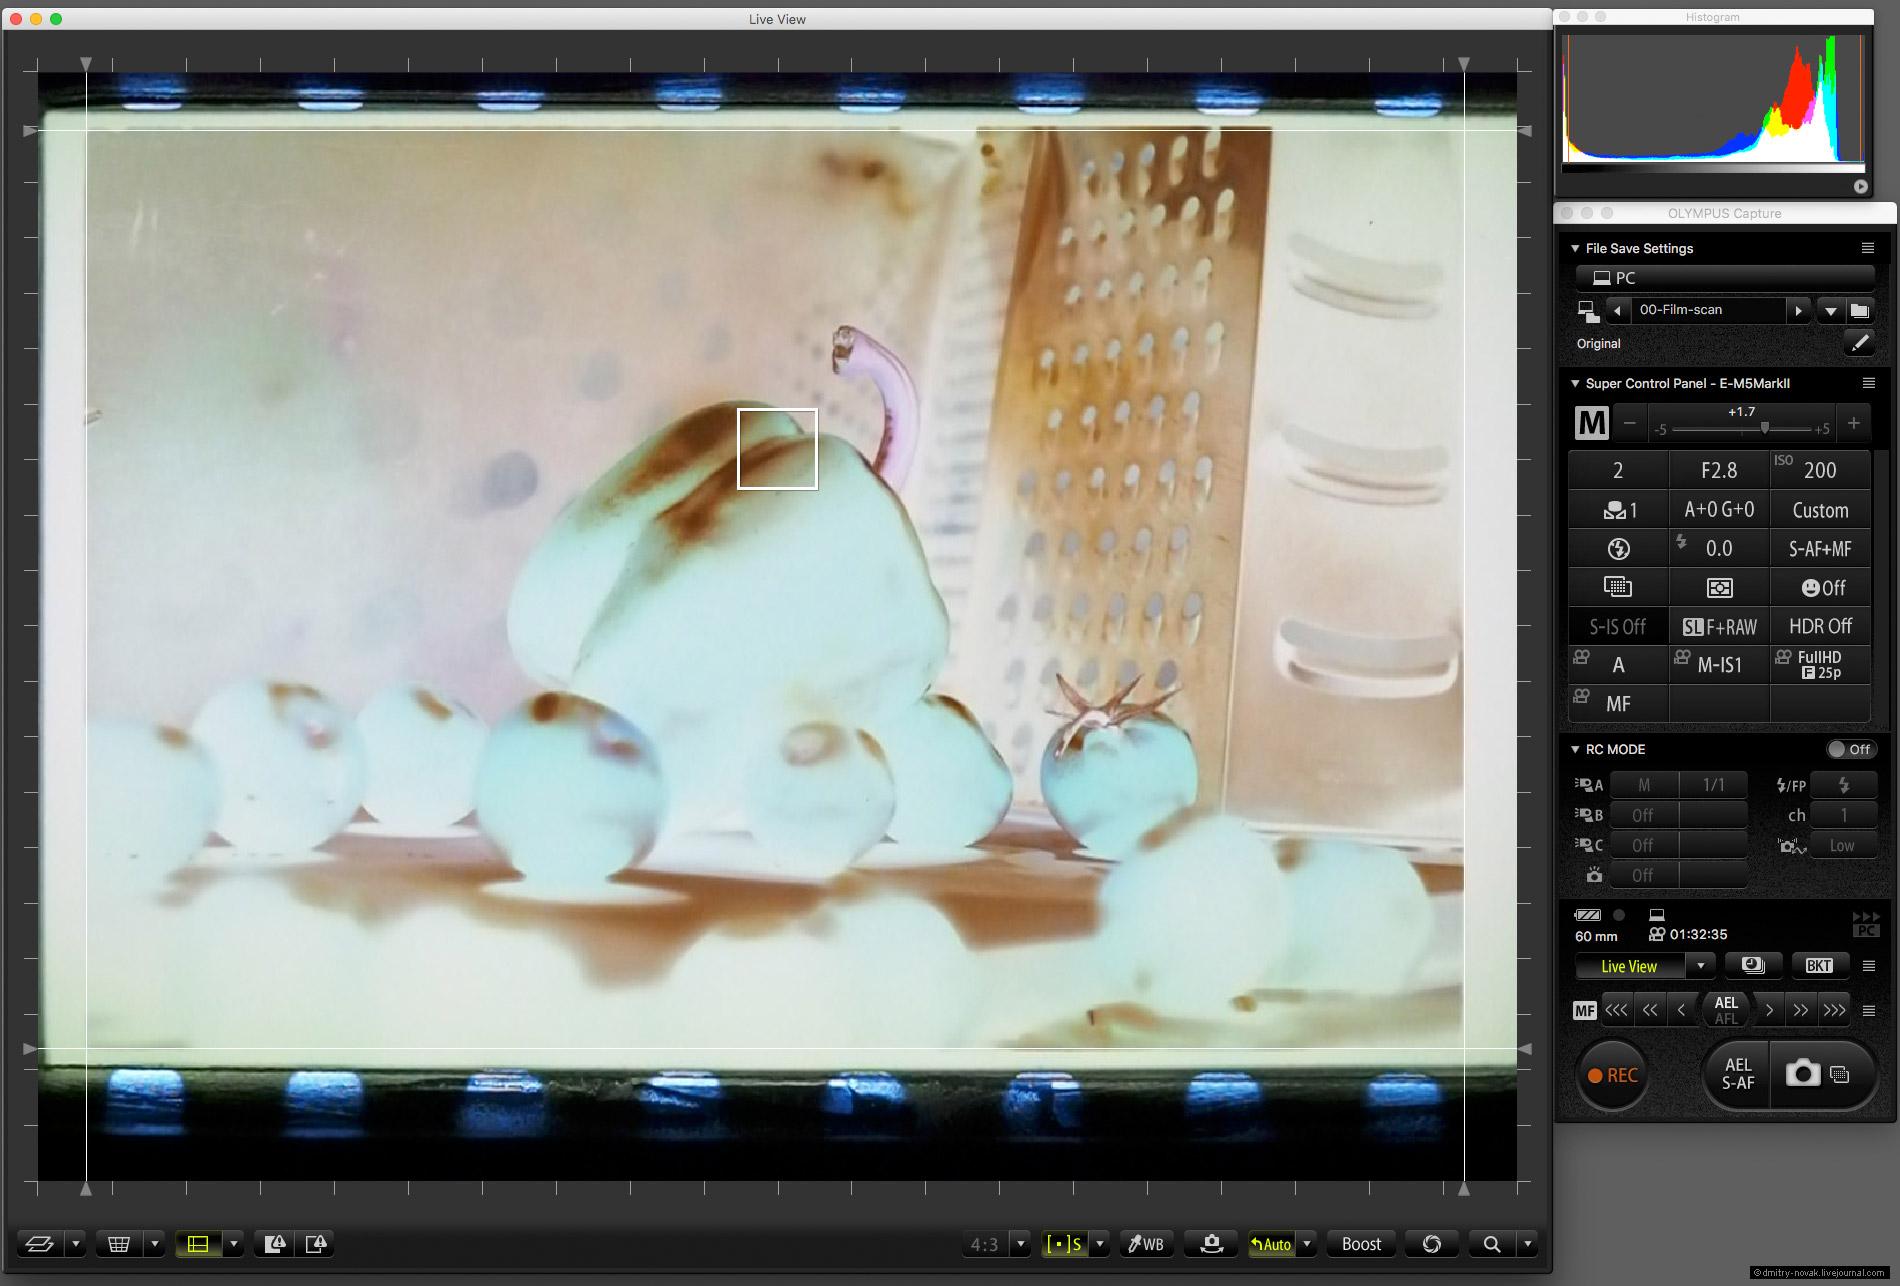 Программа для сканирования фотопленки на сканере скачать